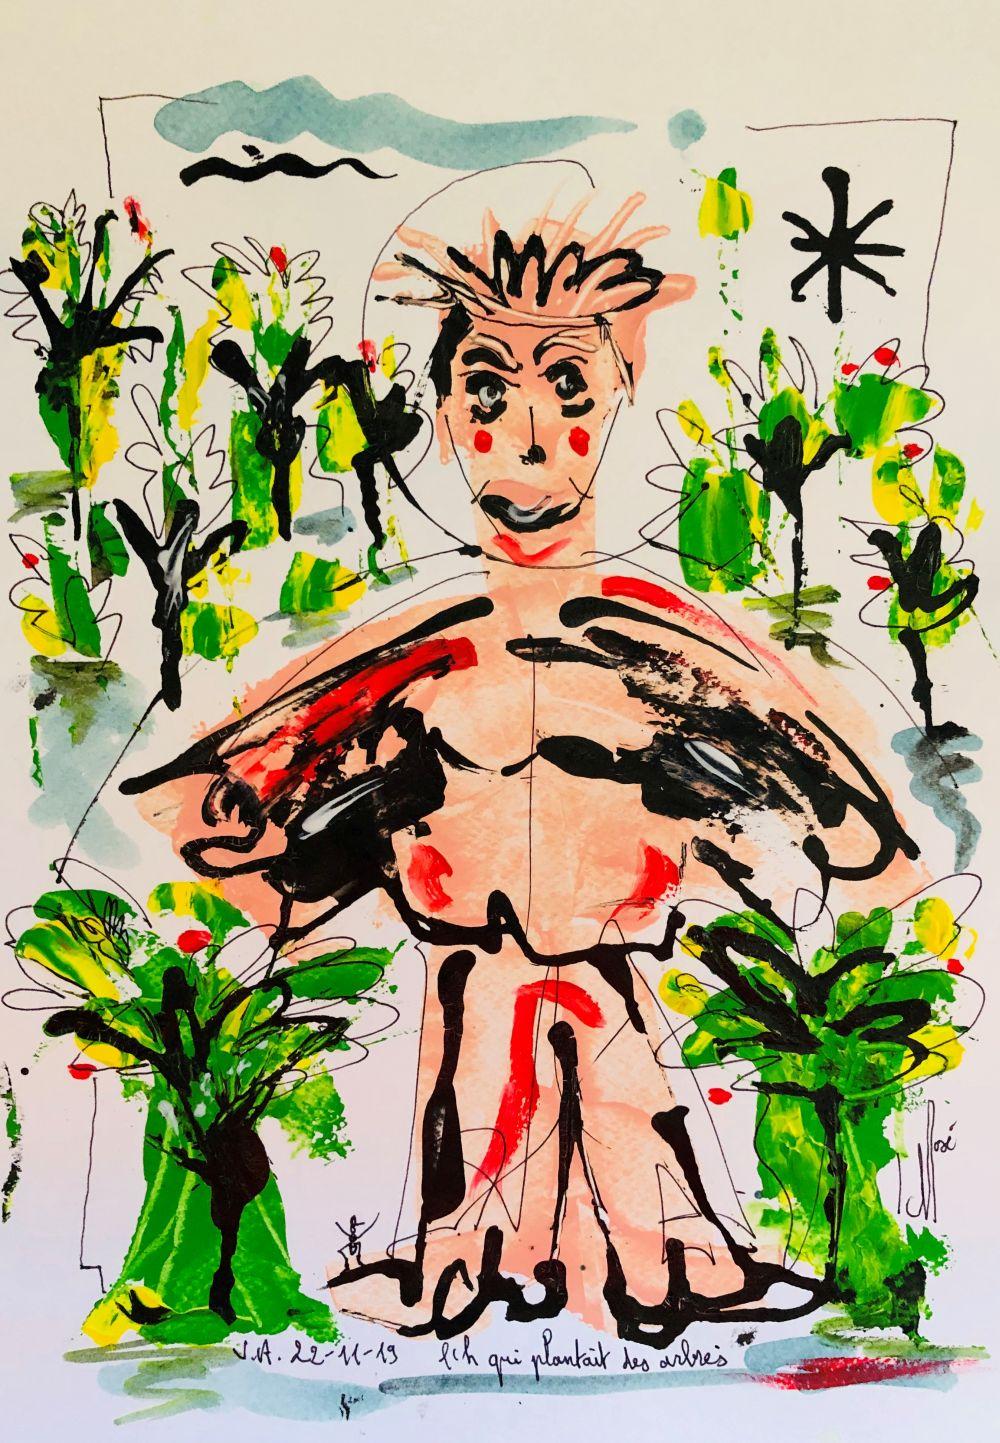 lhomme-qui-plantait-des-arbres-R